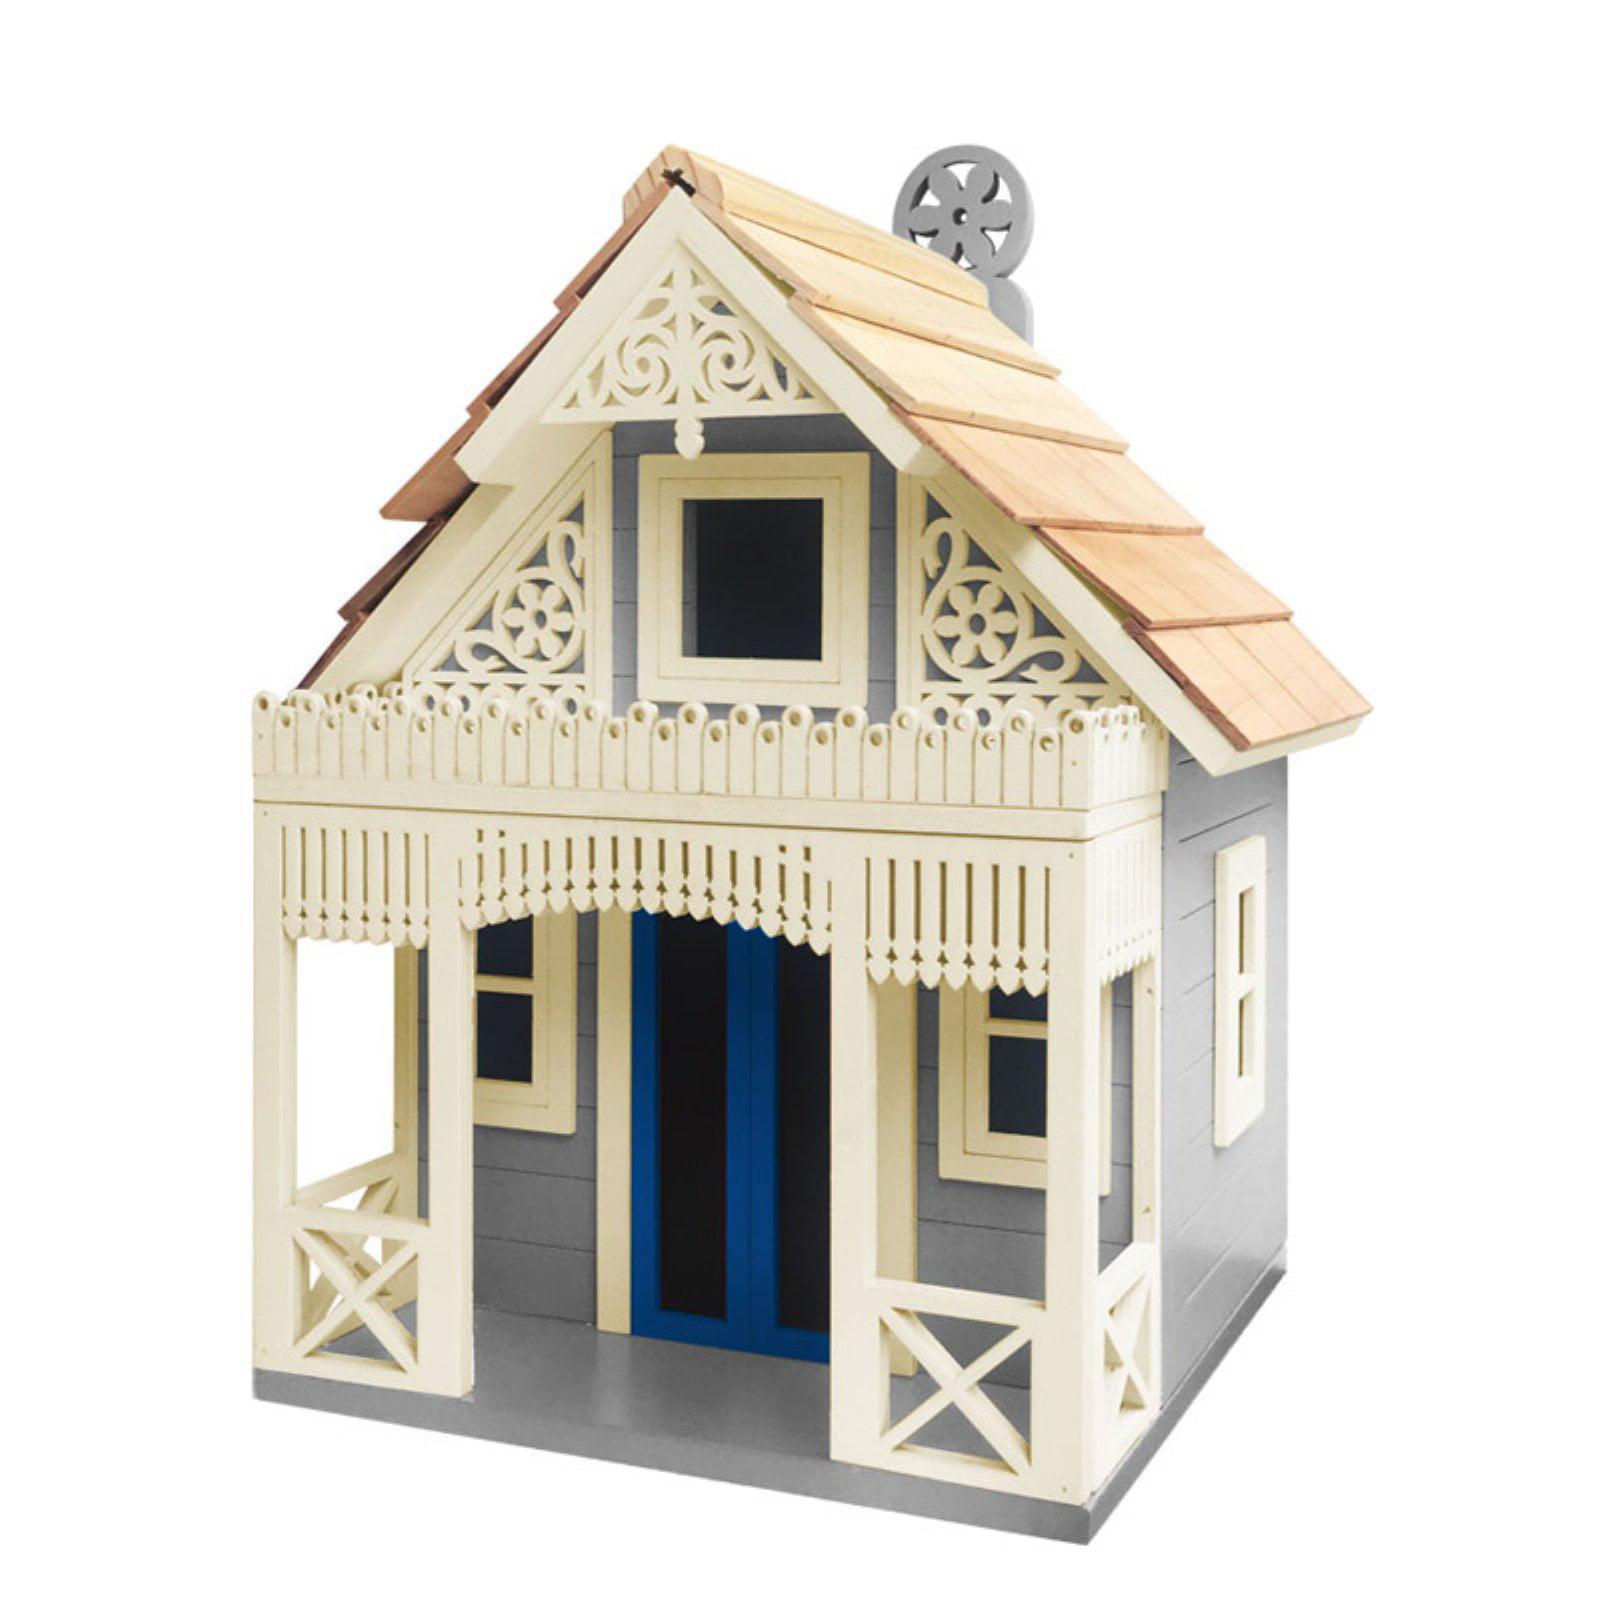 Home Bazaar Angel Cottage Birdhouse